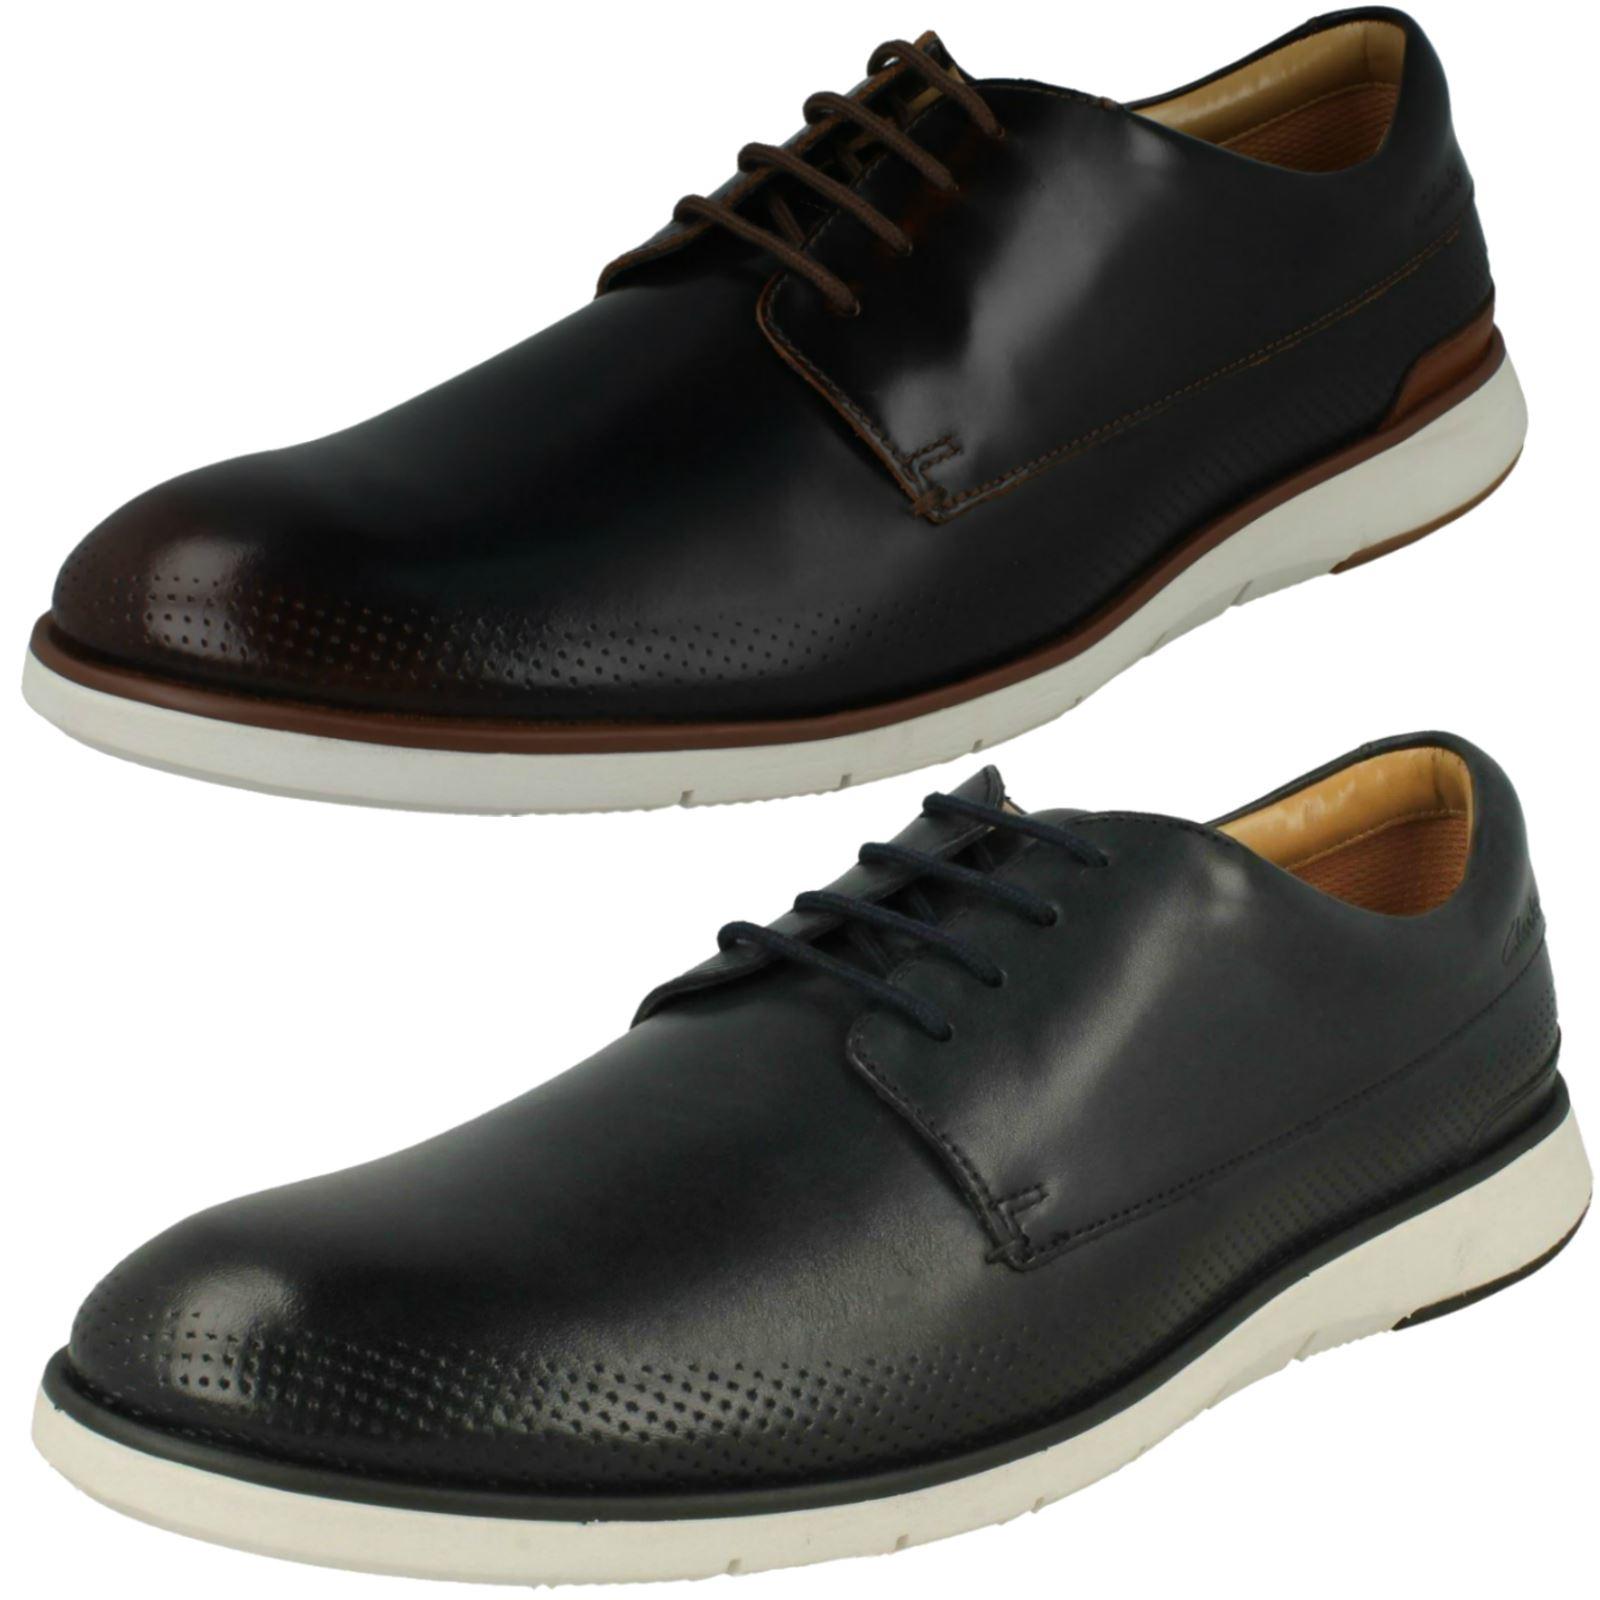 Details zu Mens Clarks Helston Walk Lace Up Shoes